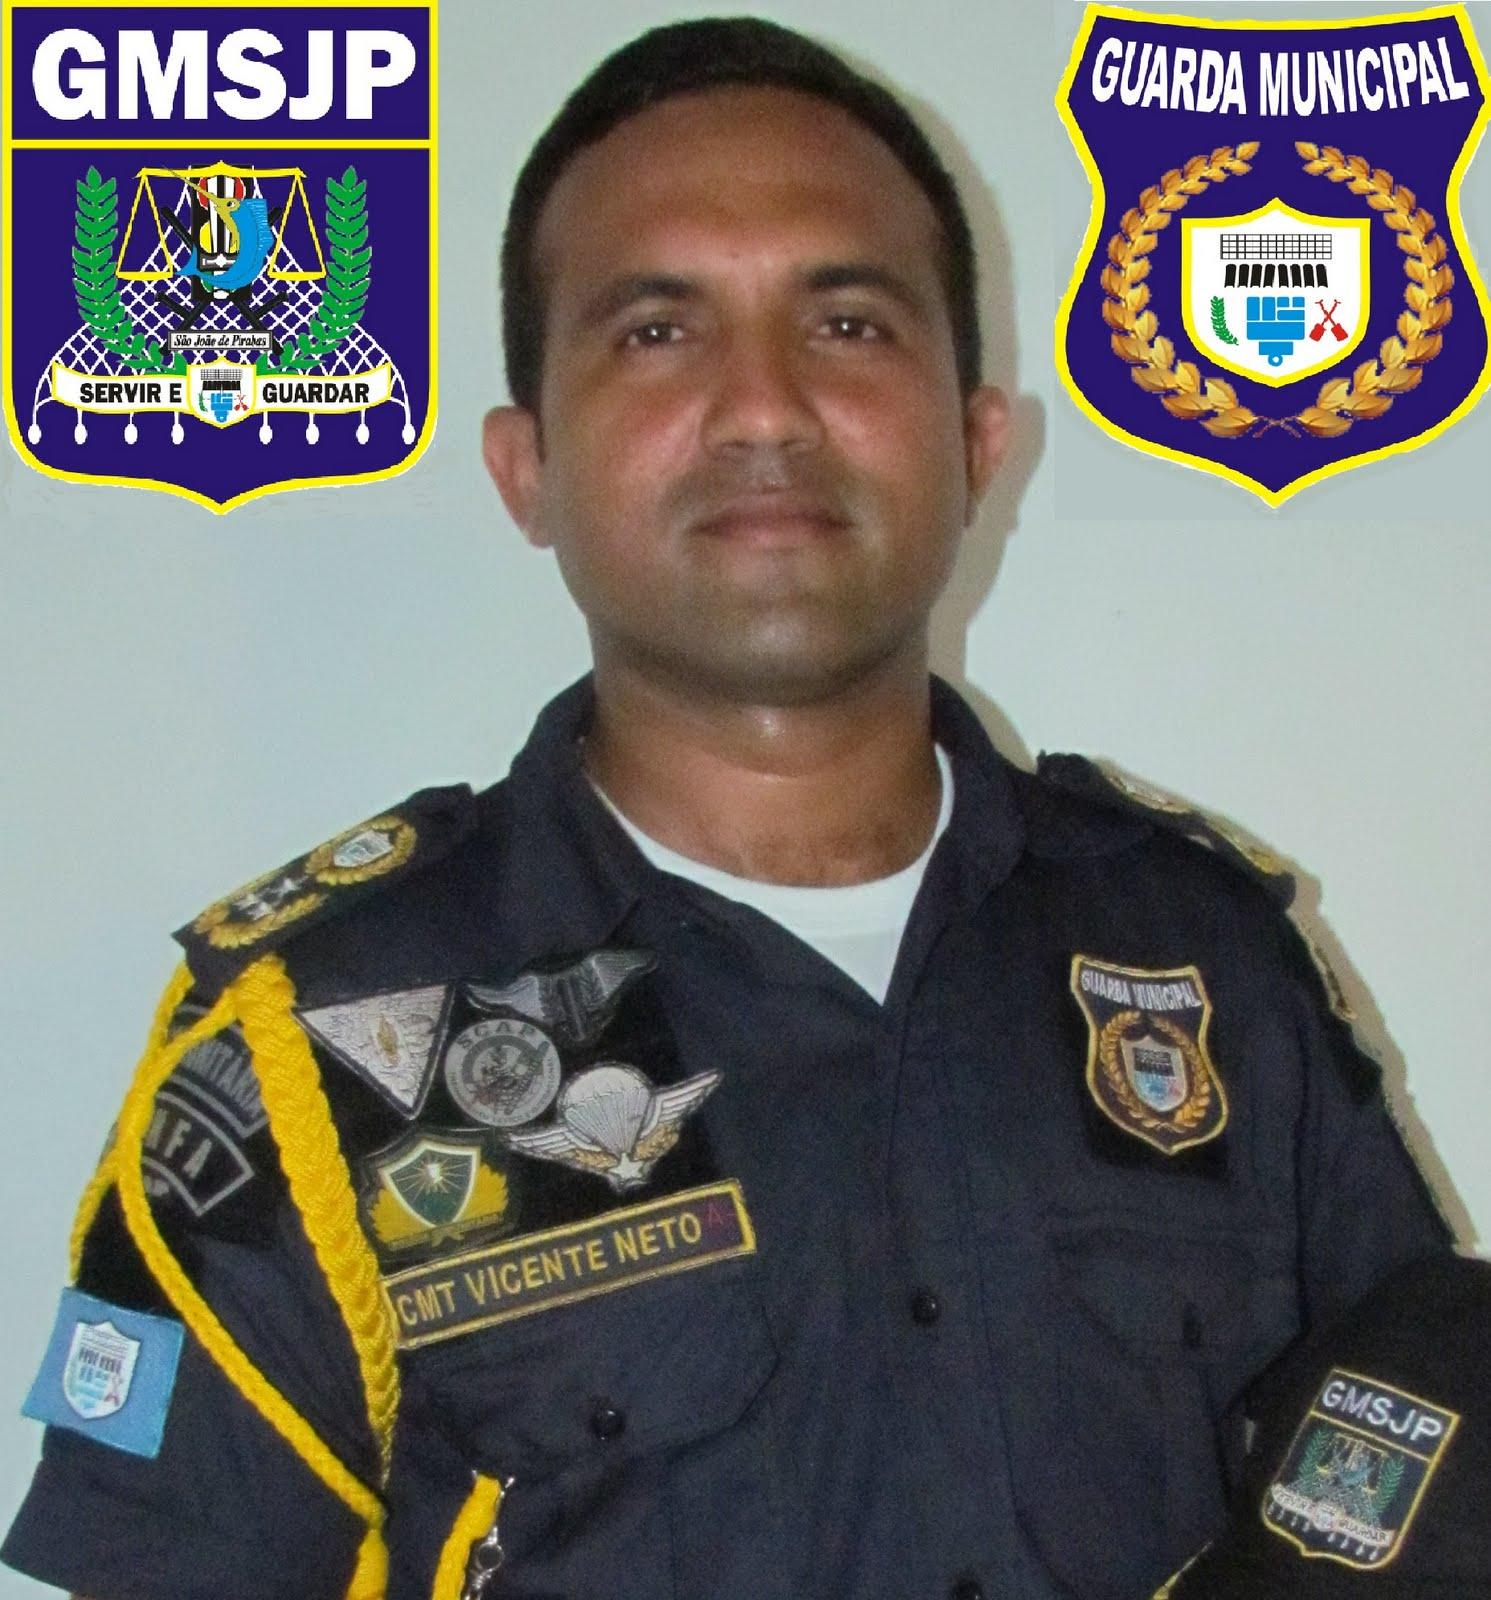 Guarda Municipal de São João de Pirabas